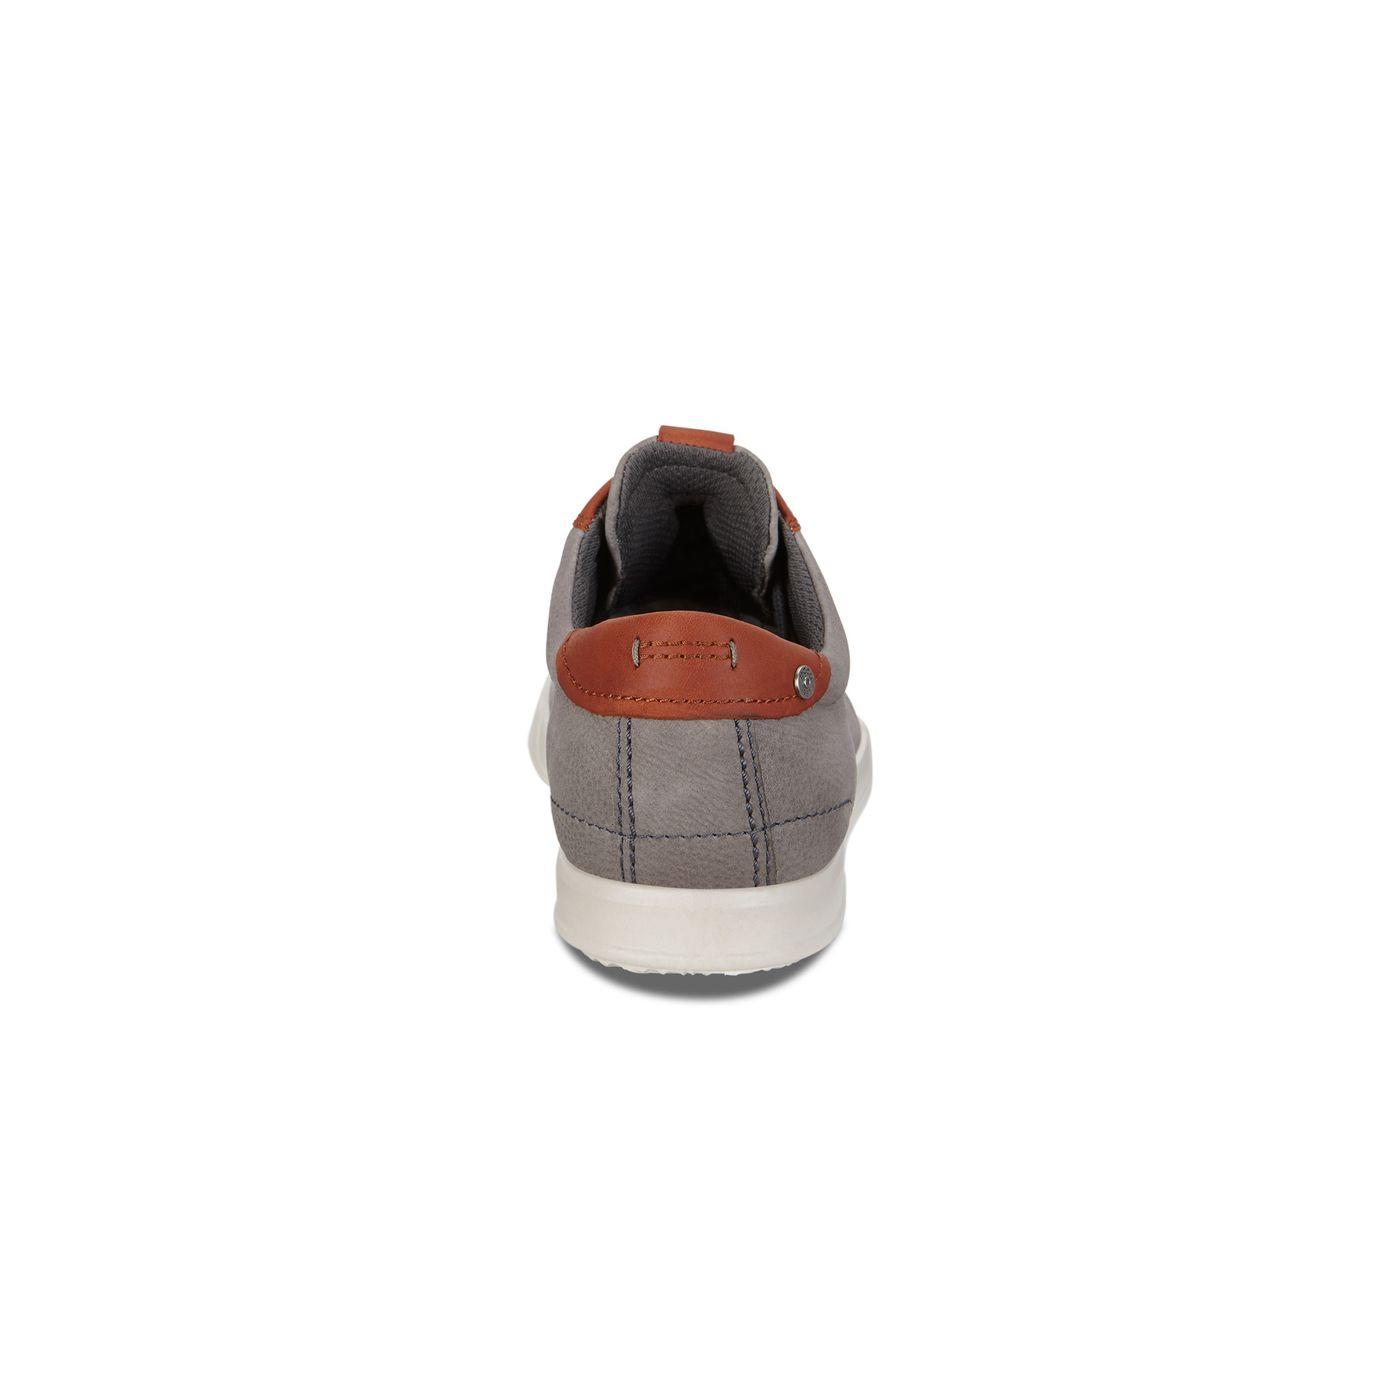 b32c1f86ca ECCO Collin 2.0 Men's Nubuck Leather Sneakers | ECCO® Shoes in 2019 ...